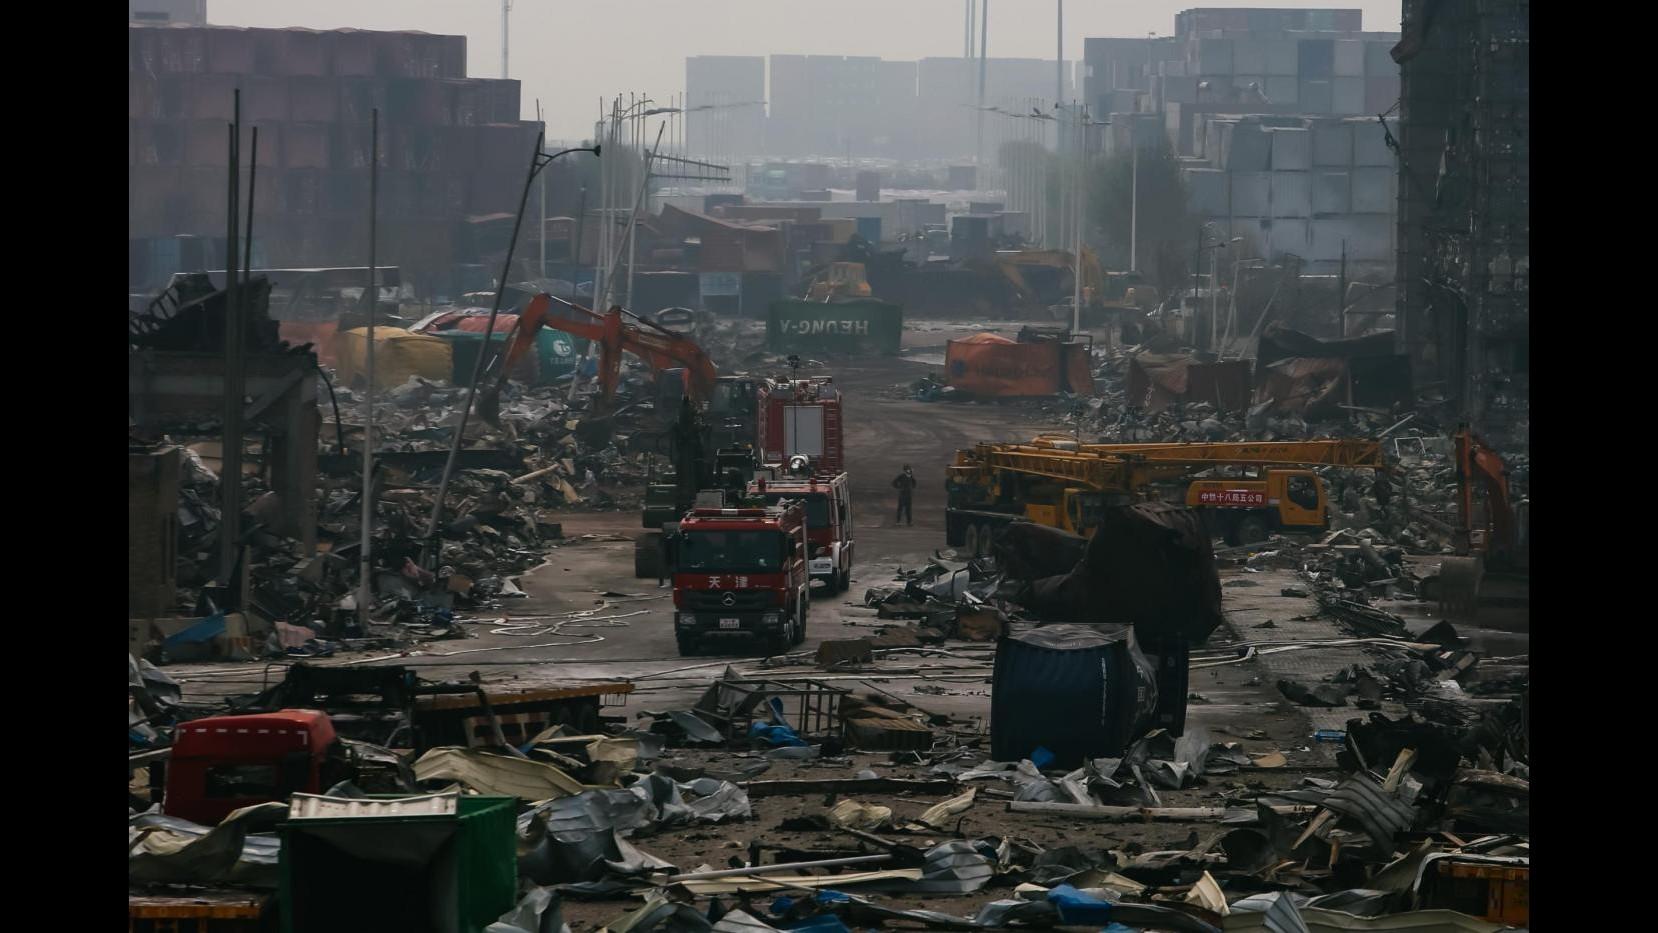 Cina, Tianjin: sale a 114 bilancio dei morti, 700 tonnellate cianuro sodio nell'area